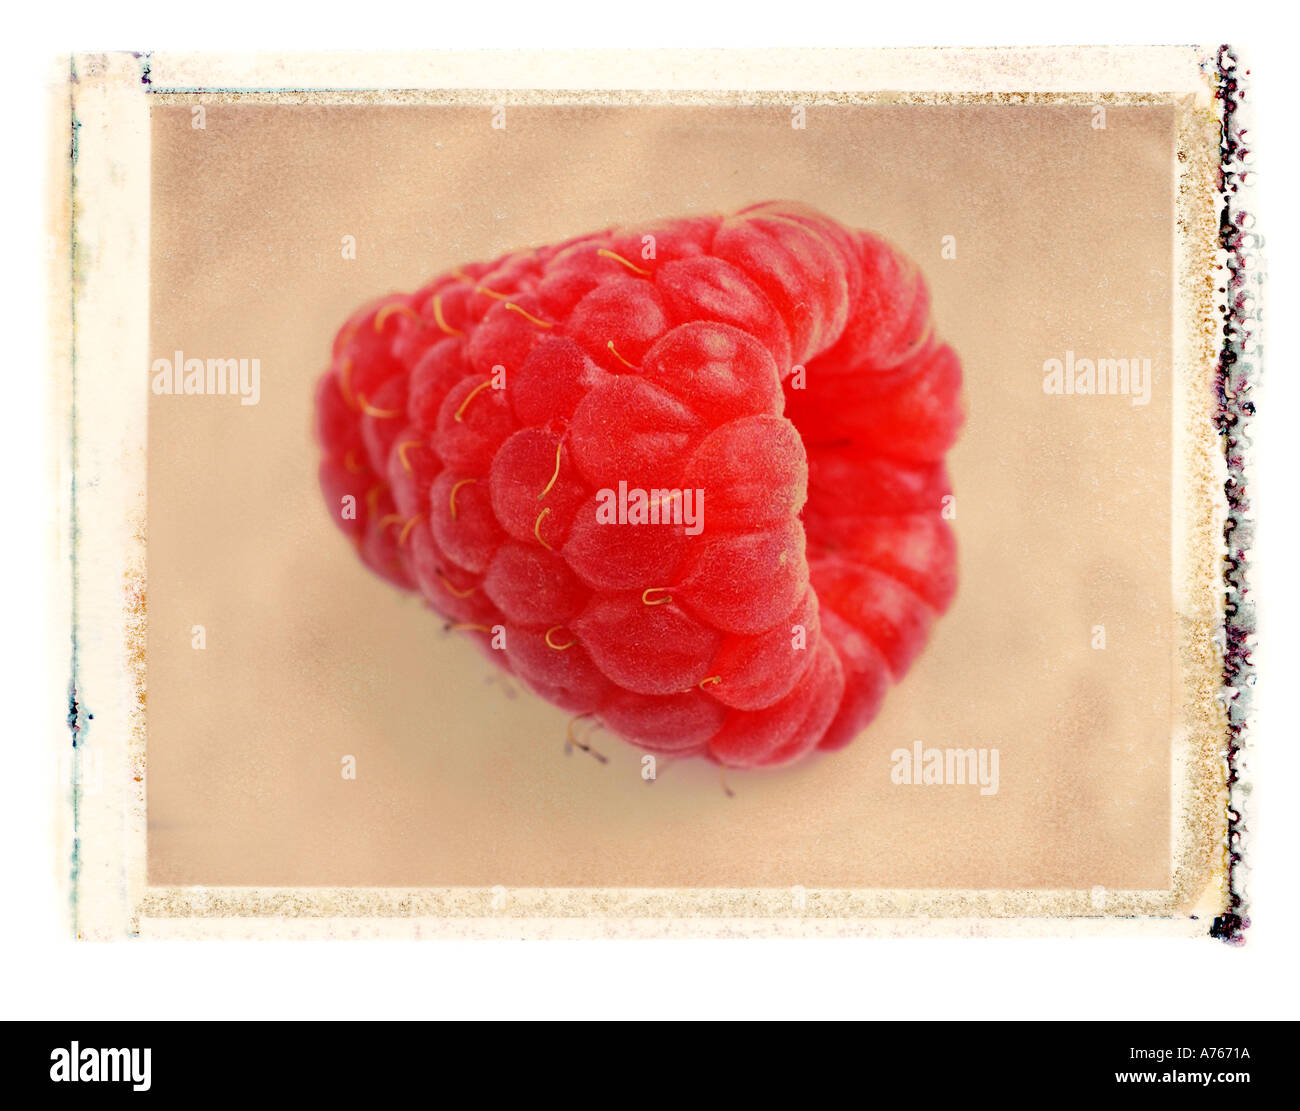 Frambuesa roja Imagen De Stock